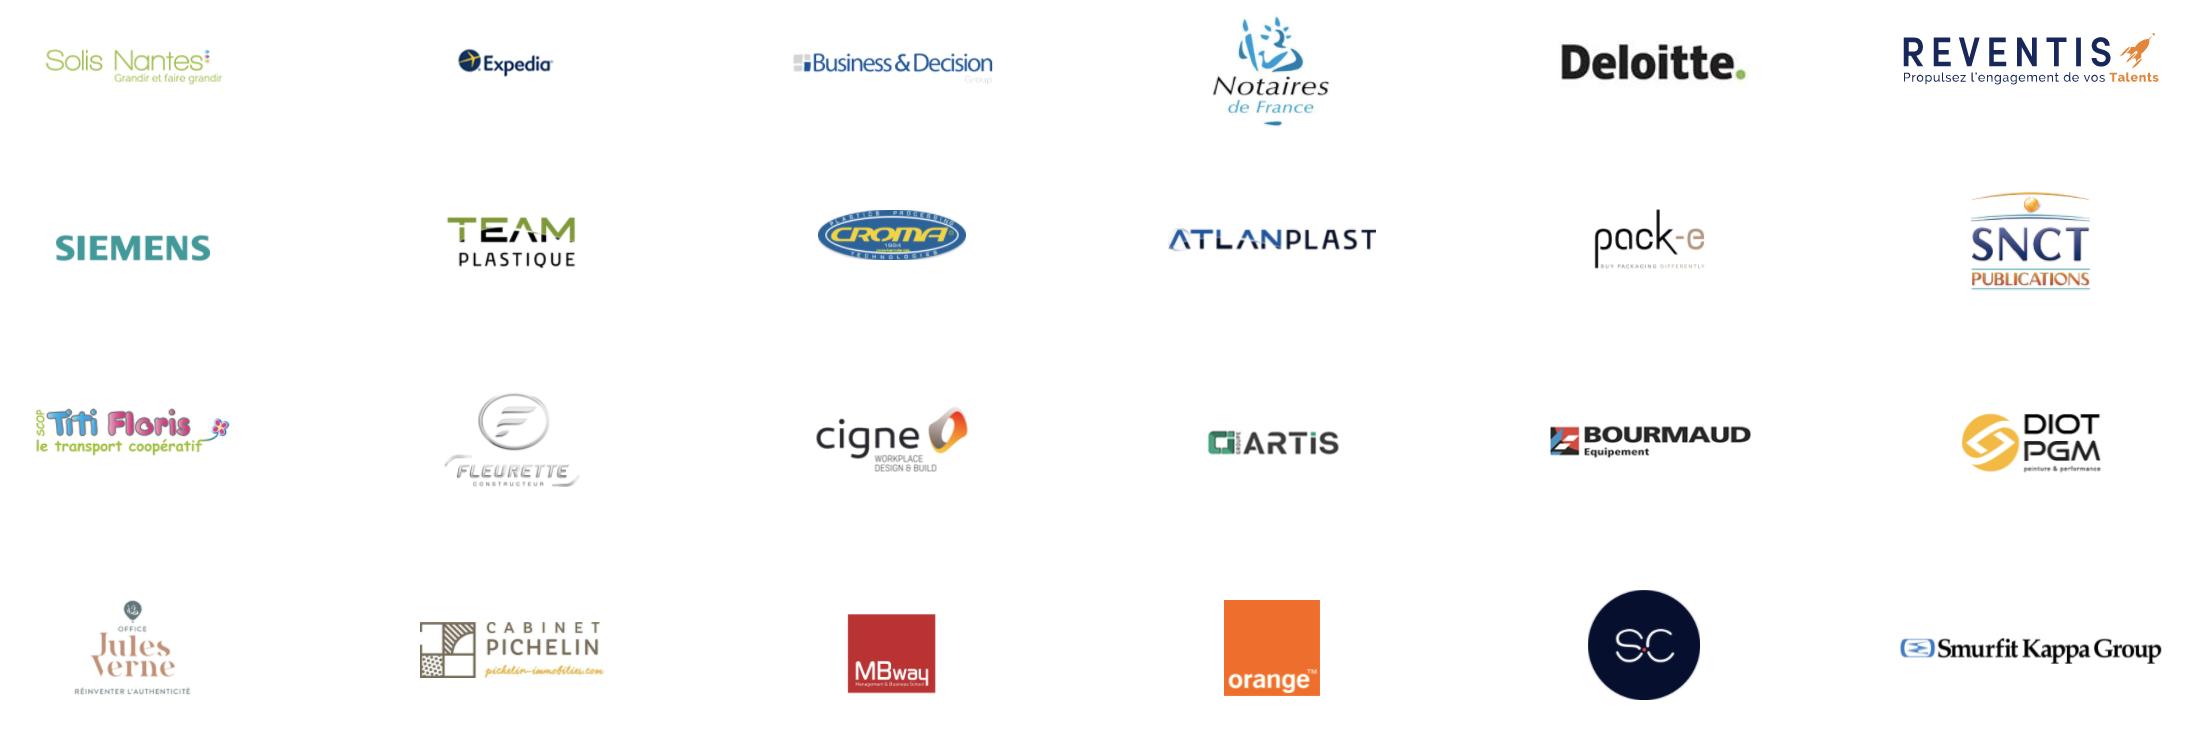 Clients-reventis-2021